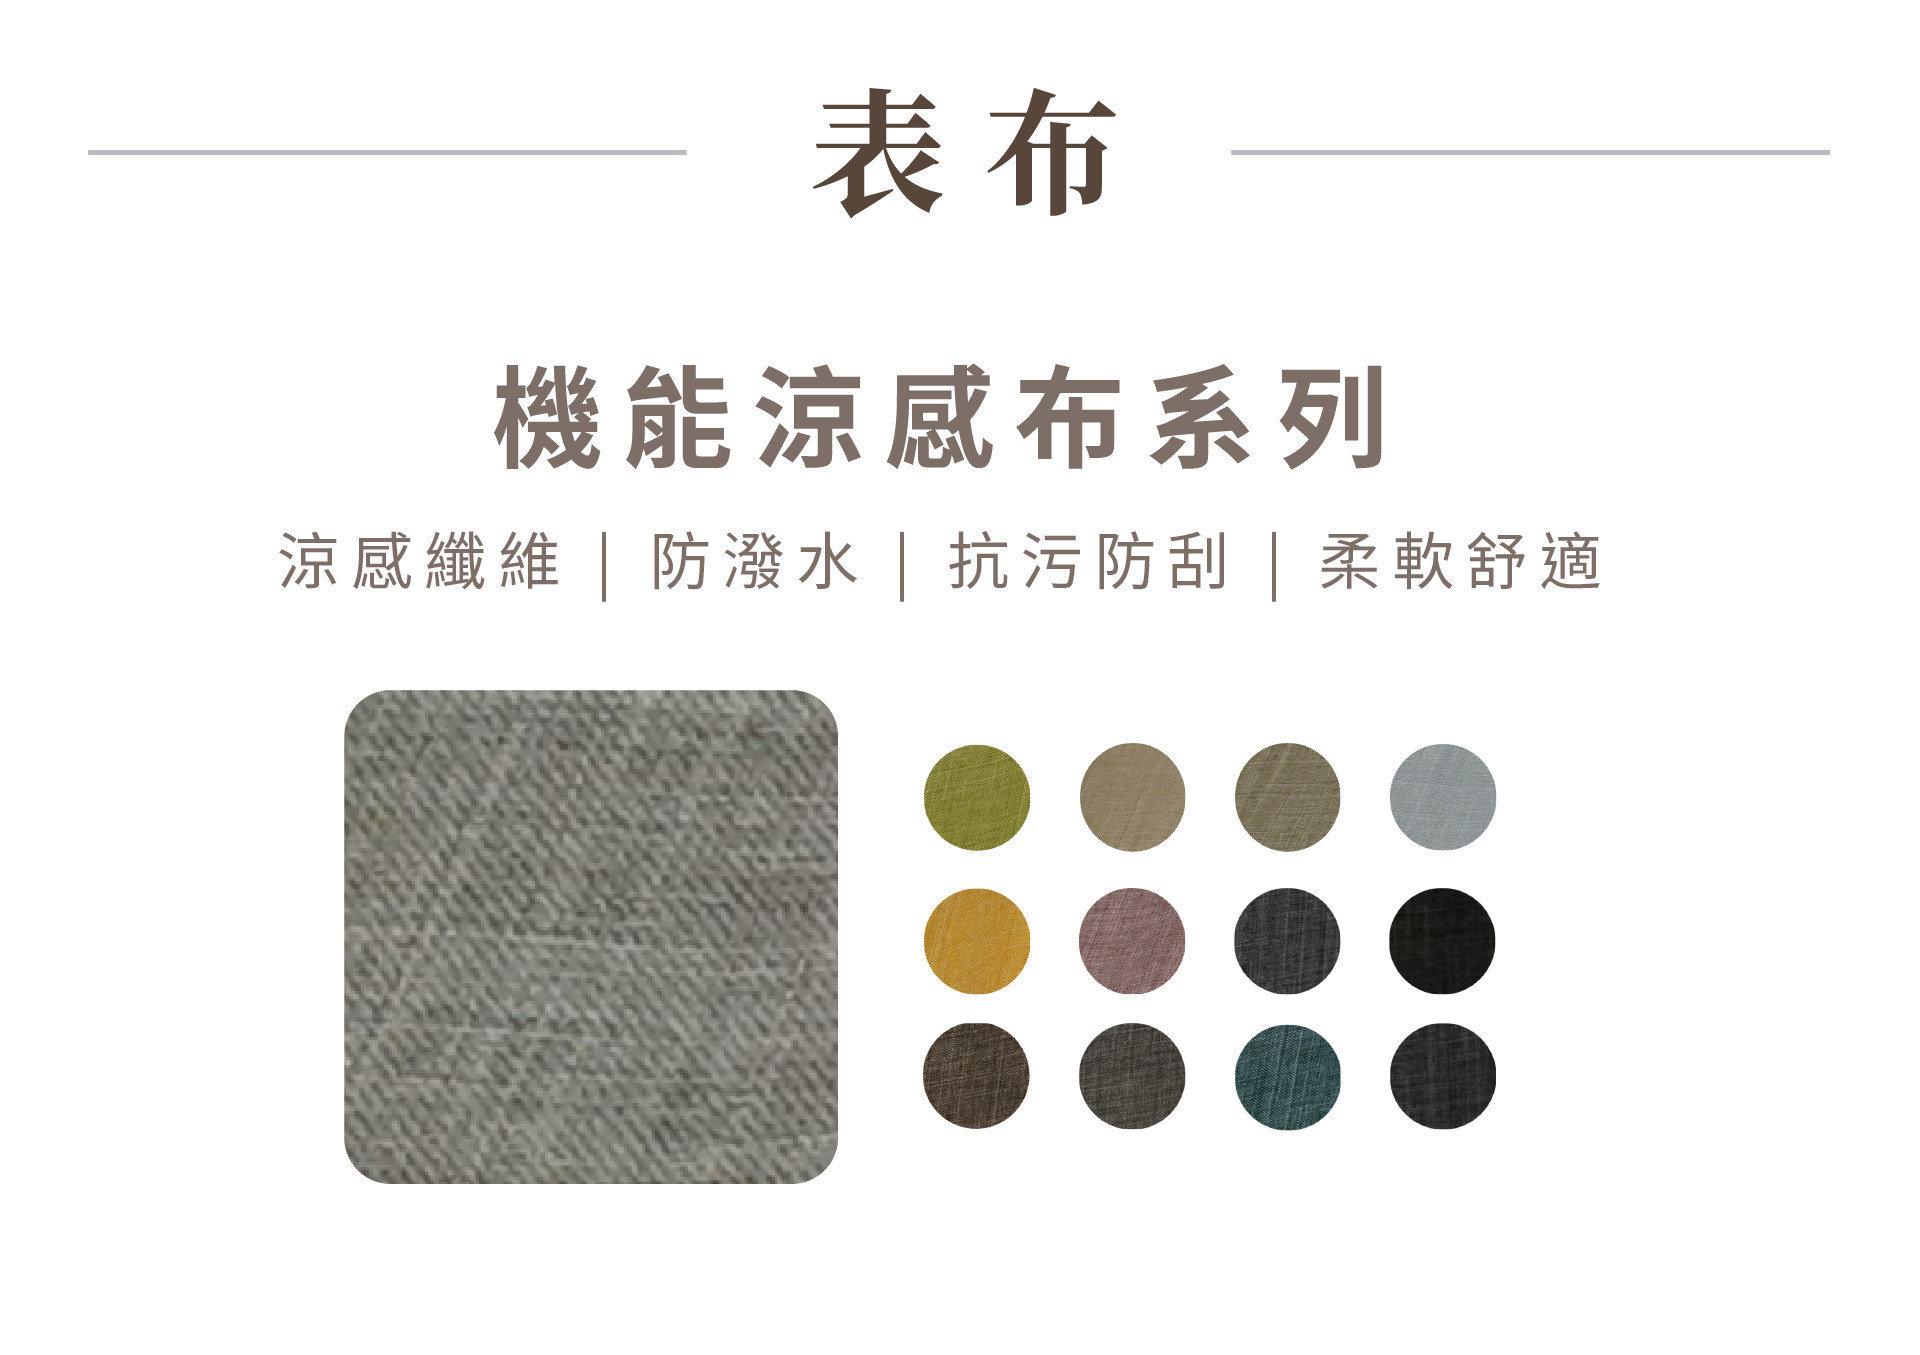 【丹尼爾沙發】表布為機能涼感布,獨特涼感纖維,既透氣又可防撥水,亦可抗污防刮